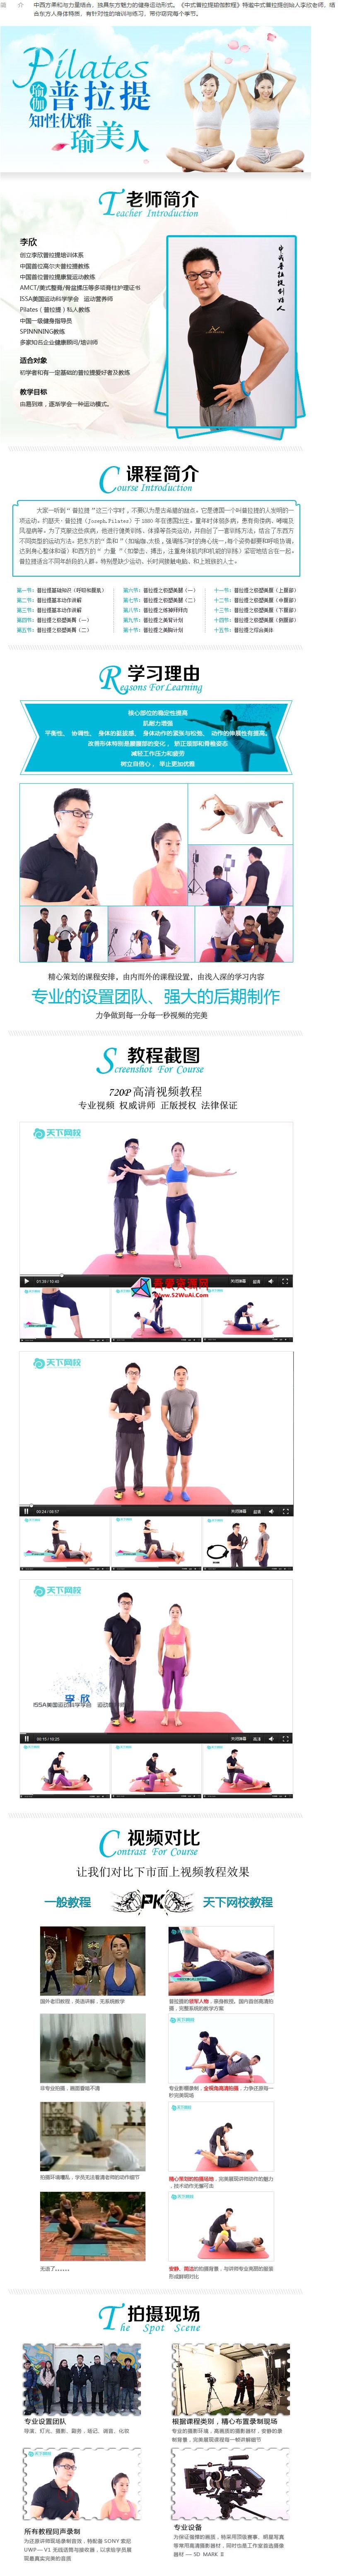 中式普拉提瑜伽减肥视频教程免费分享,需要速度保存。